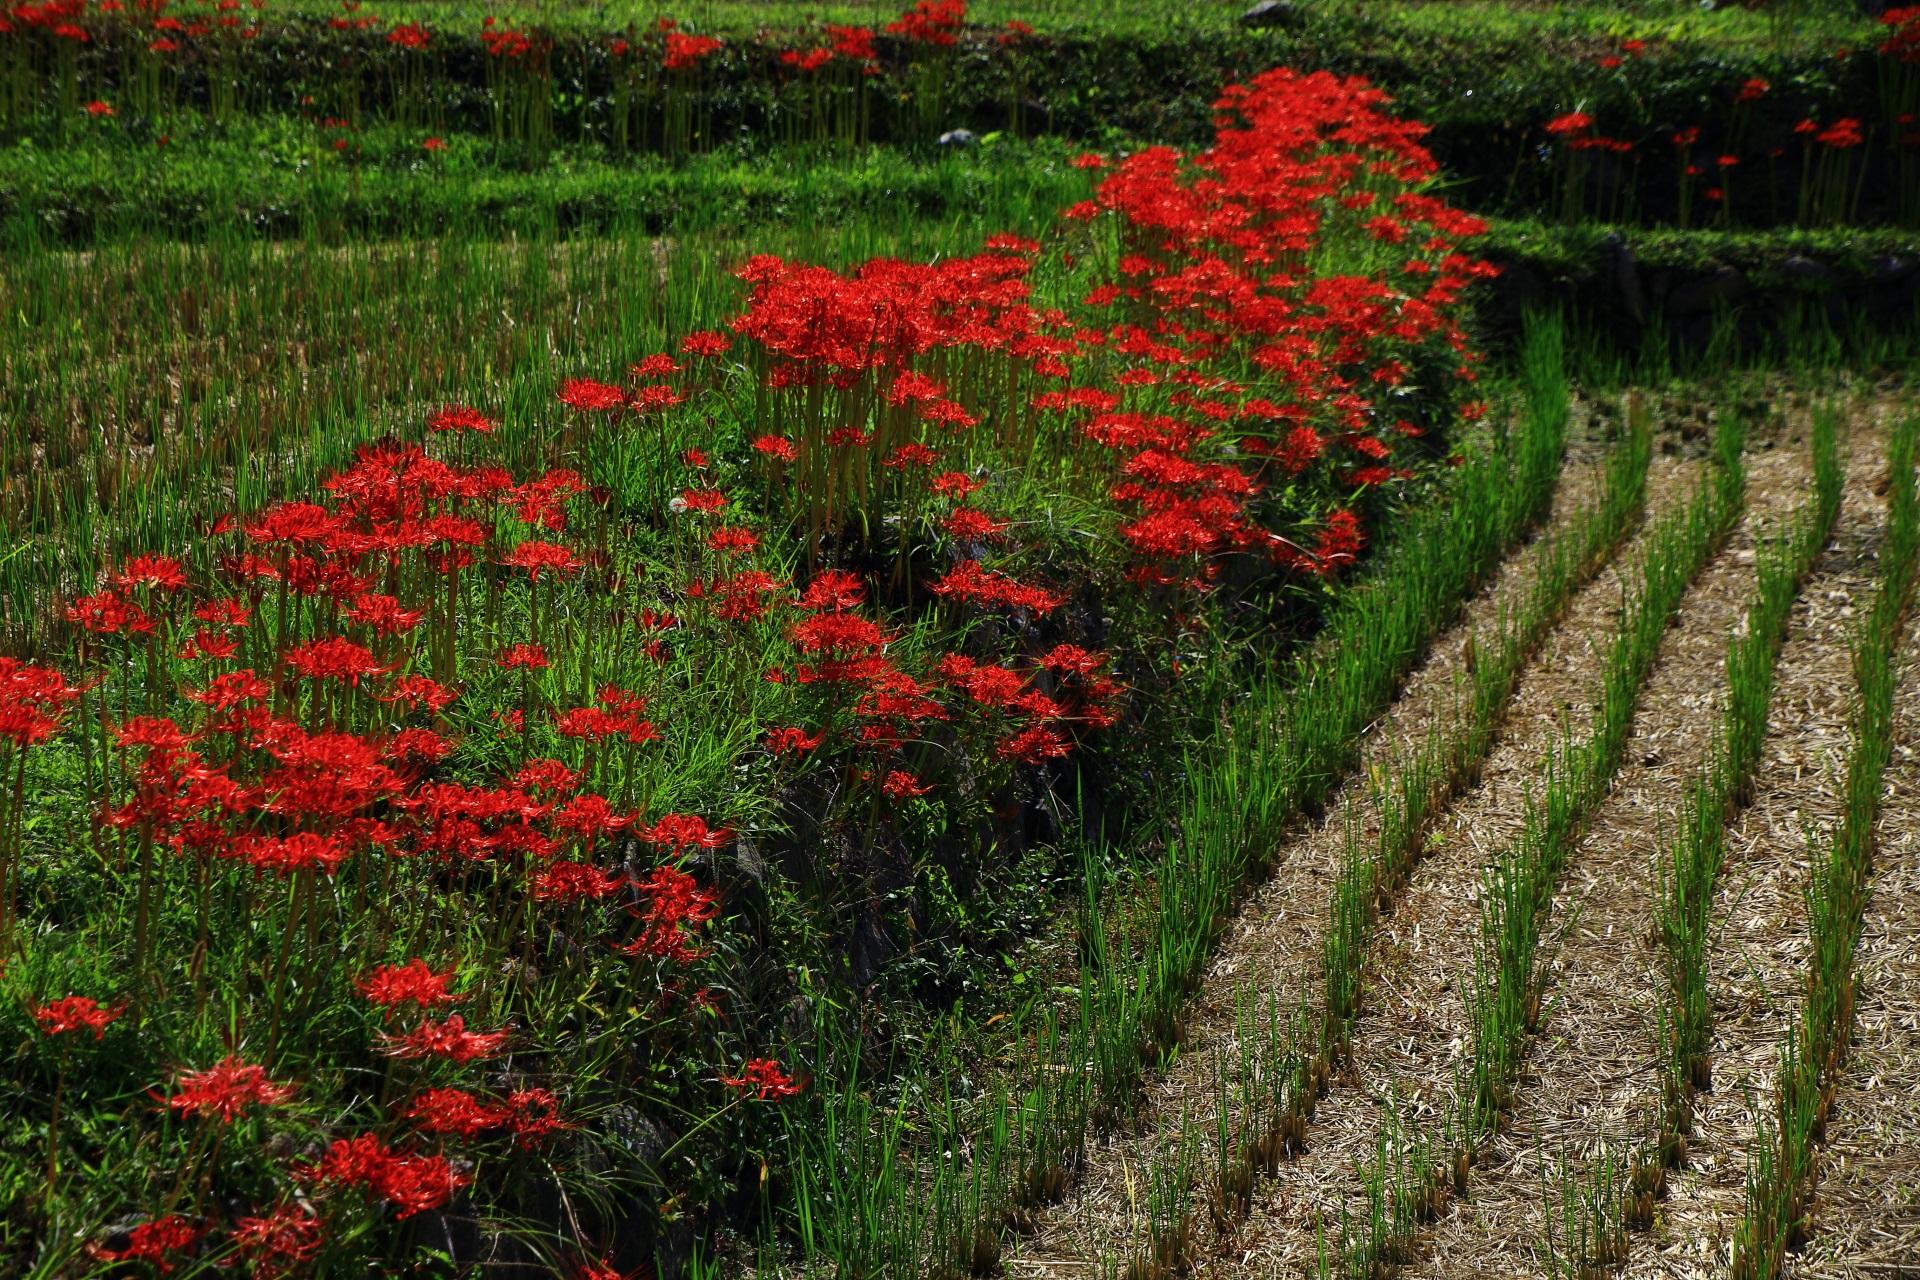 田園に咲く球根に毒のある彼岸花